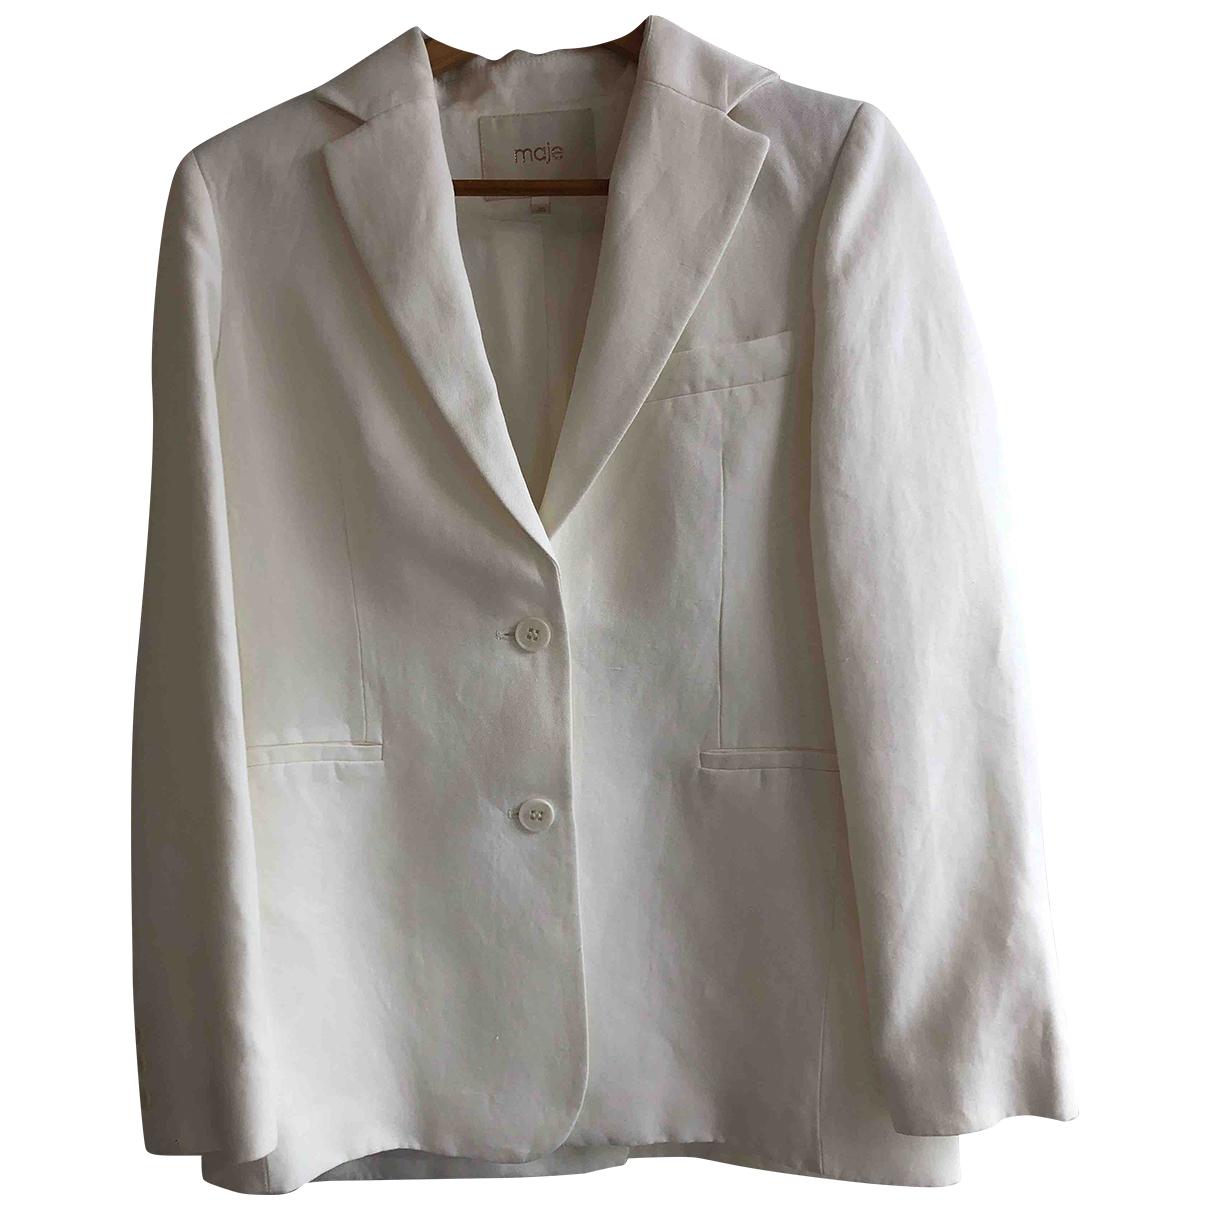 Maje Spring Summer 2019 White Linen jacket for Women 38 FR